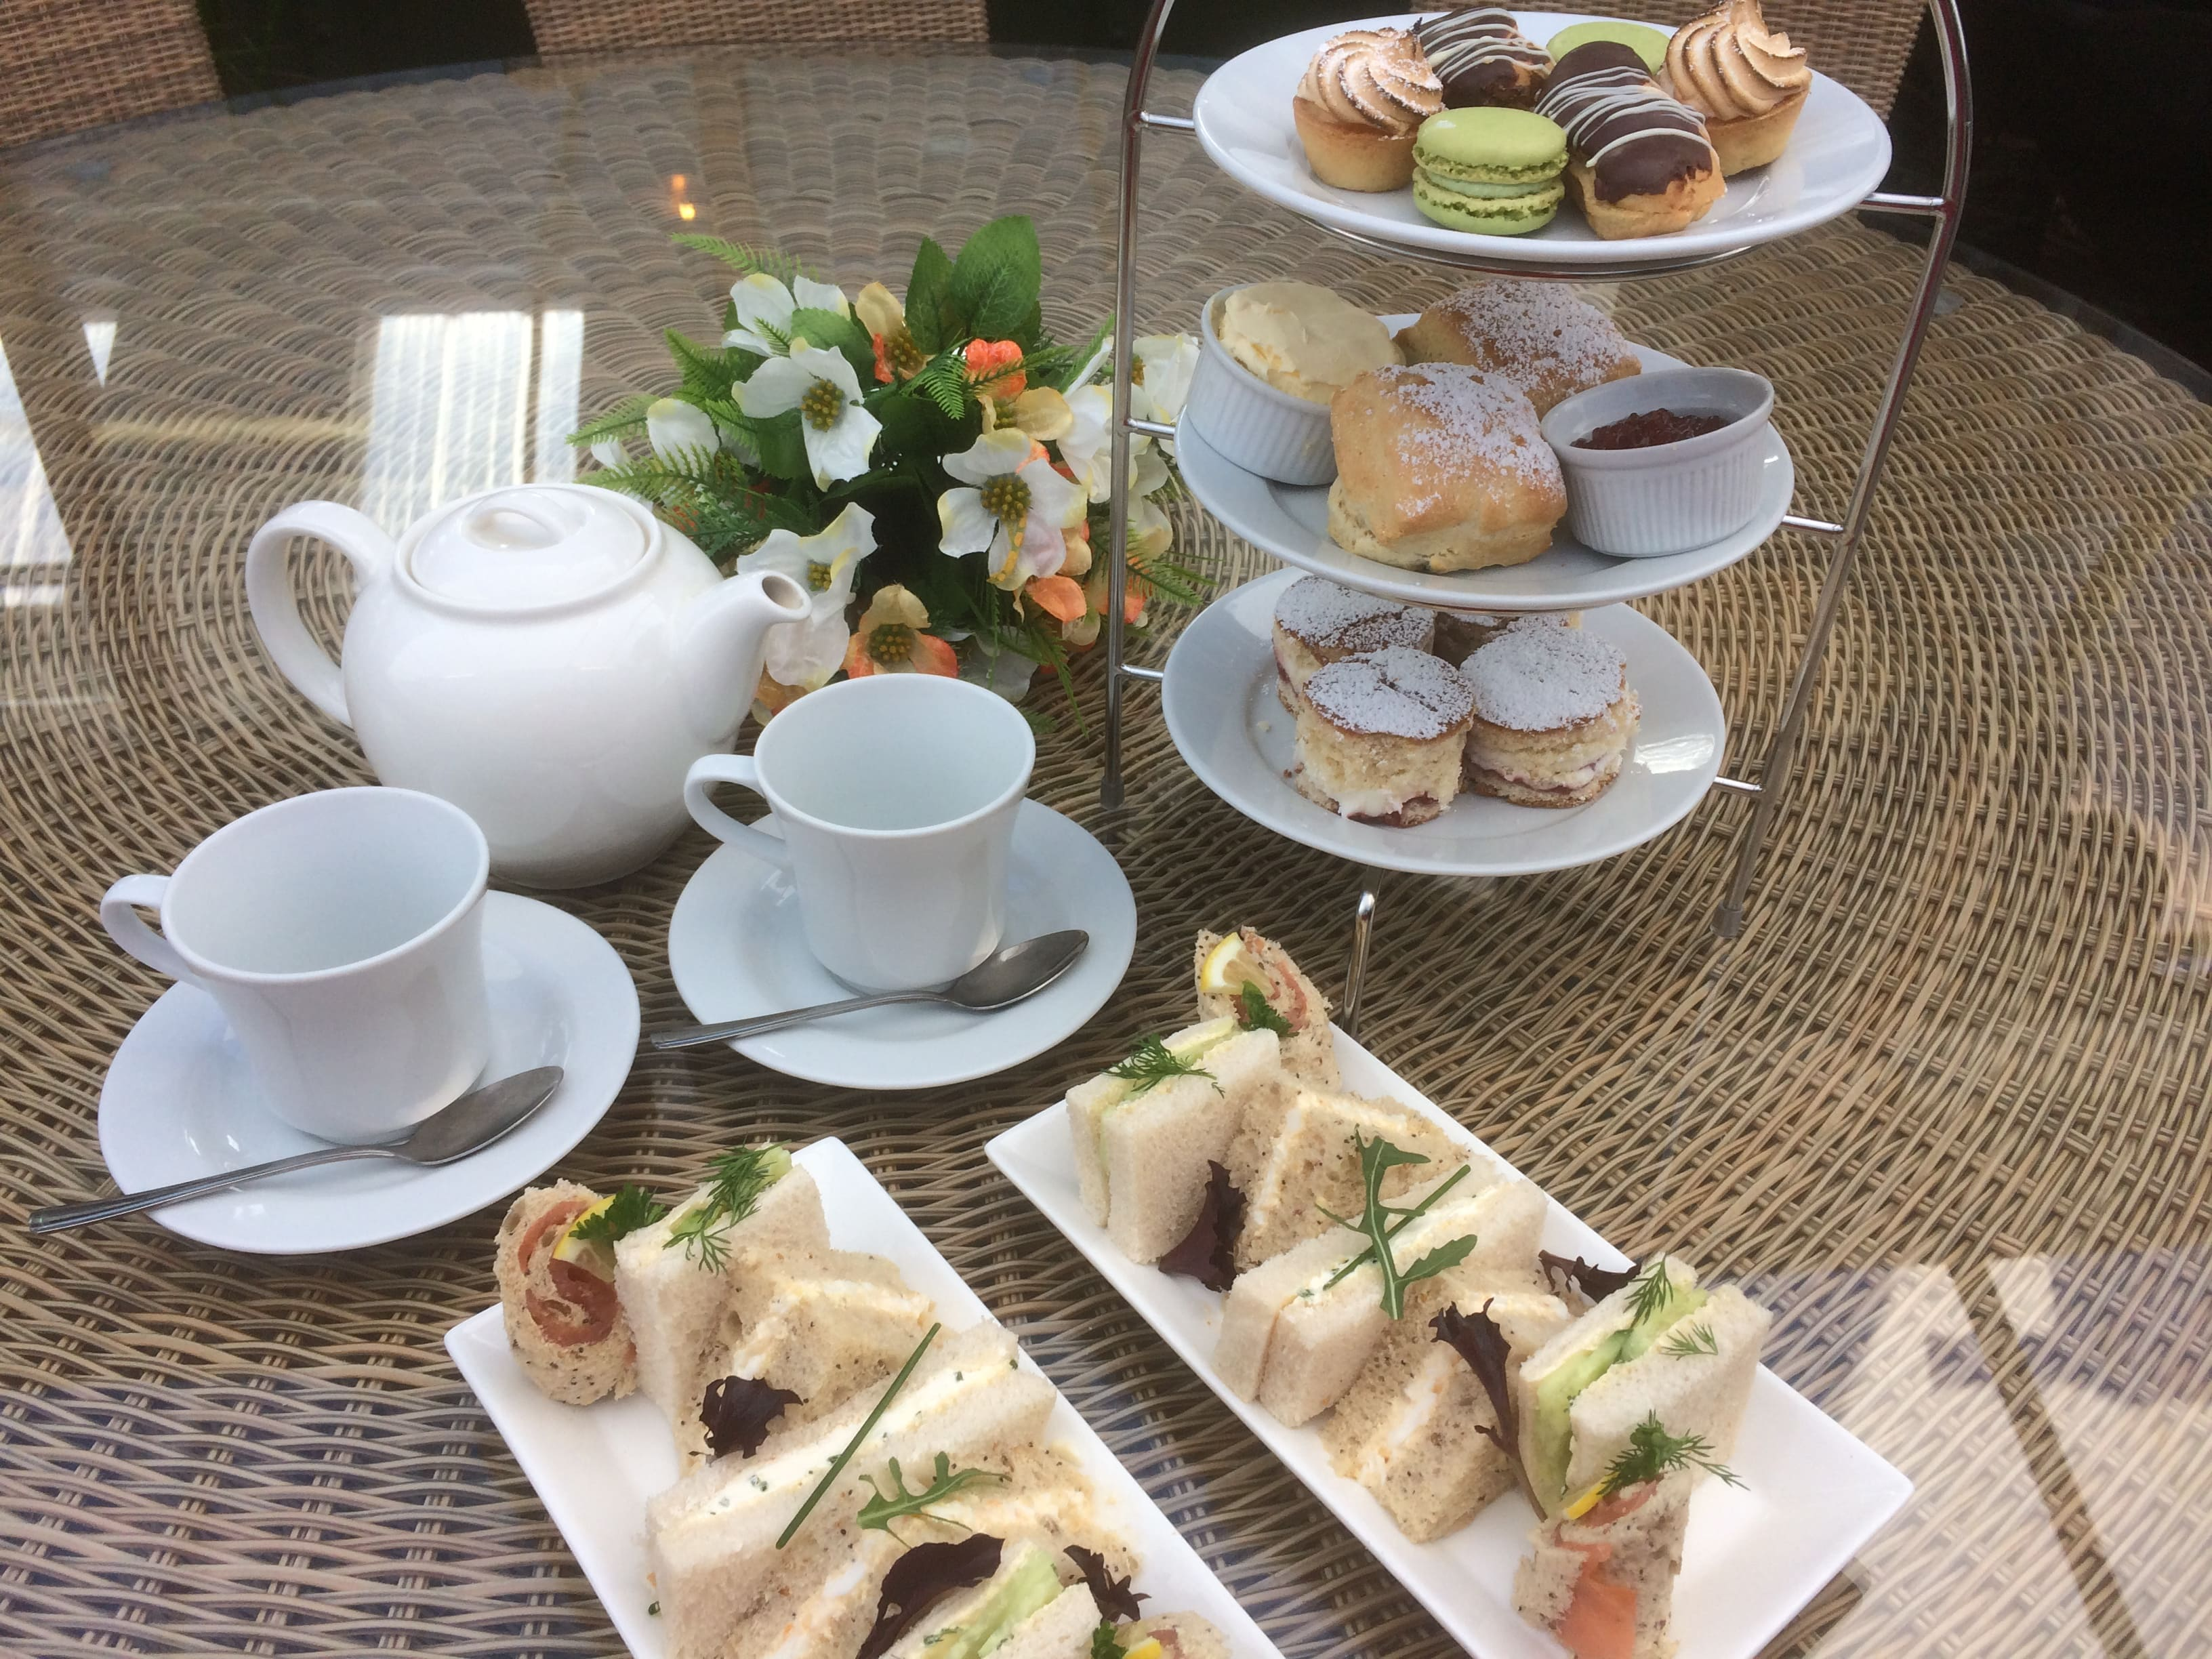 Afternoon Tea Sapcote Garden Centre